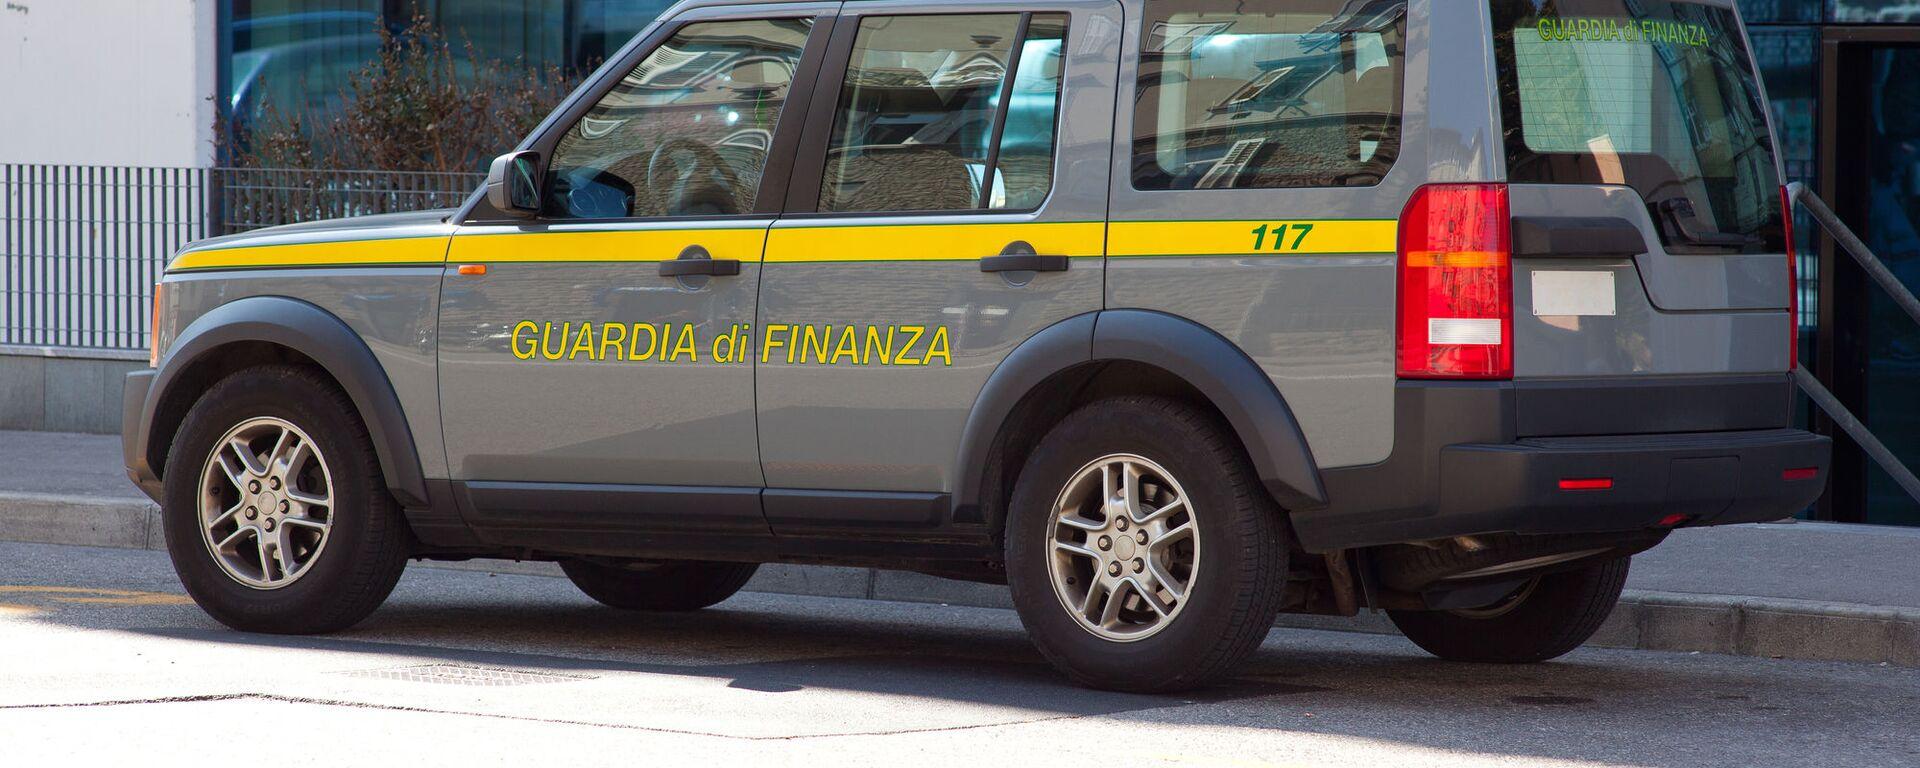 L'autoveicolo della Guardia di Finanza italiana - Sputnik Italia, 1920, 09.03.2021